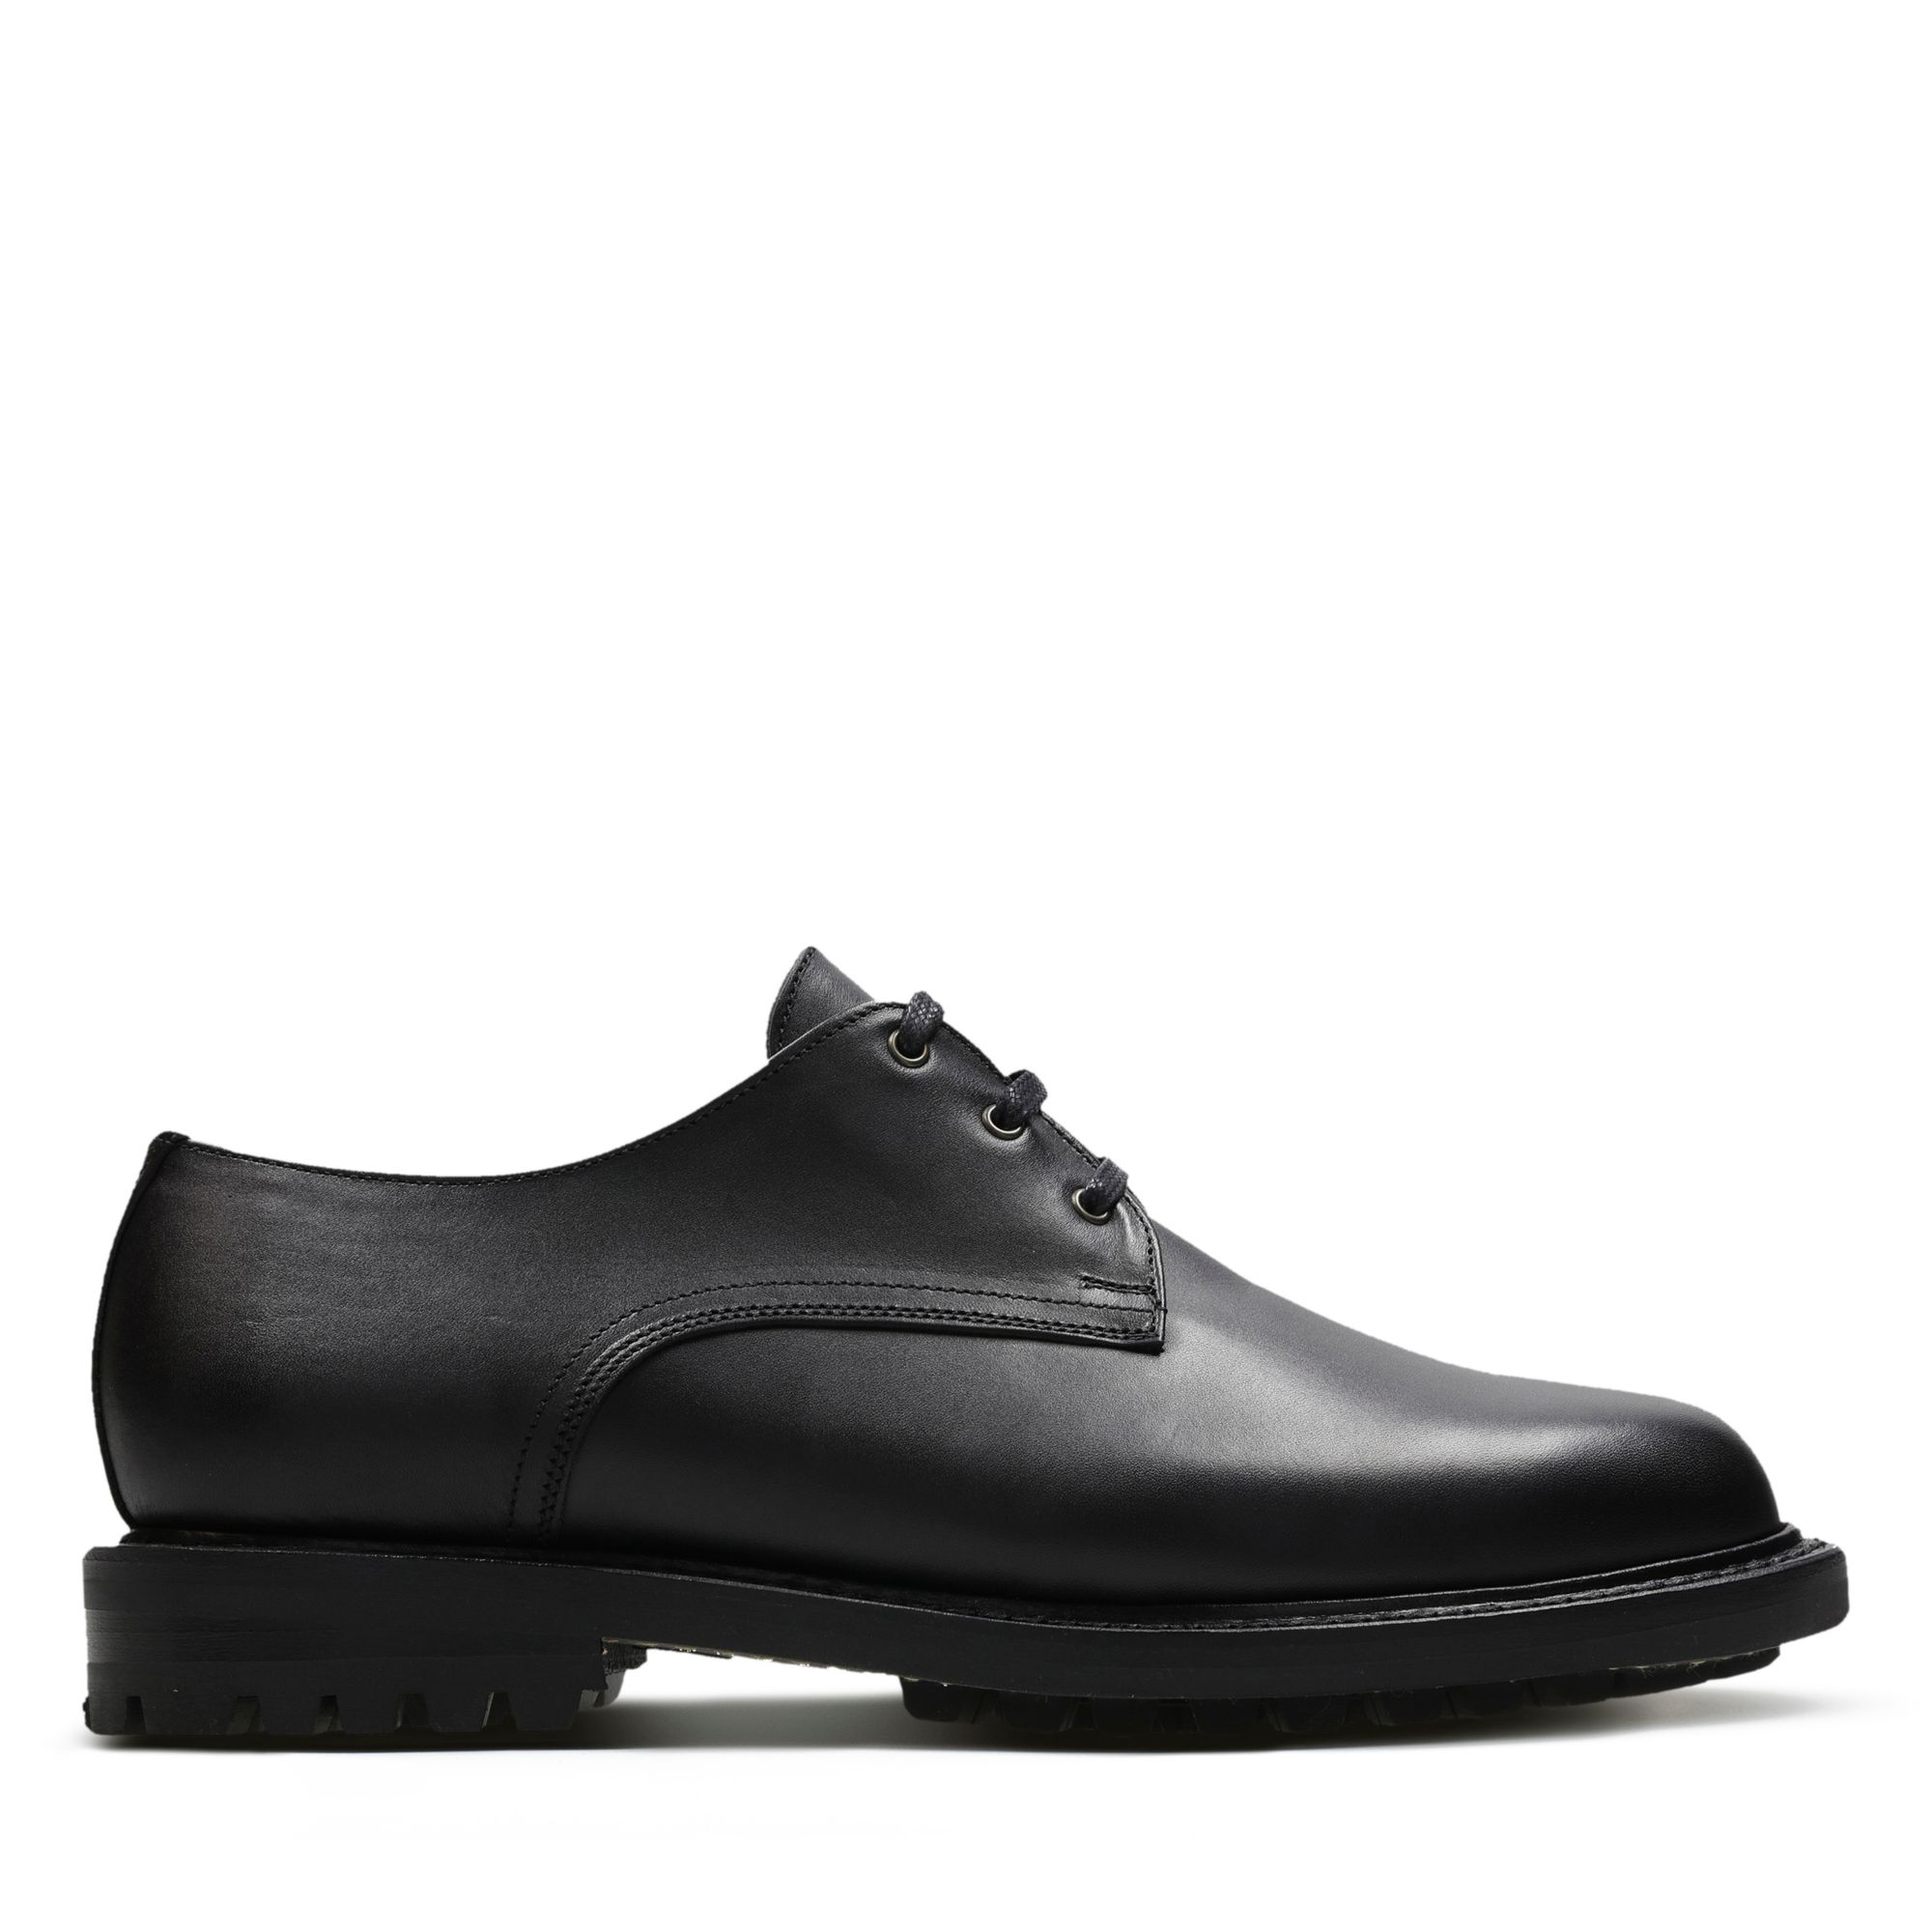 1950s Mens Shoes: Saddle Shoes, Boots, Greaser, Rockabilly Craftmaster IV £89.00 AT vintagedancer.com